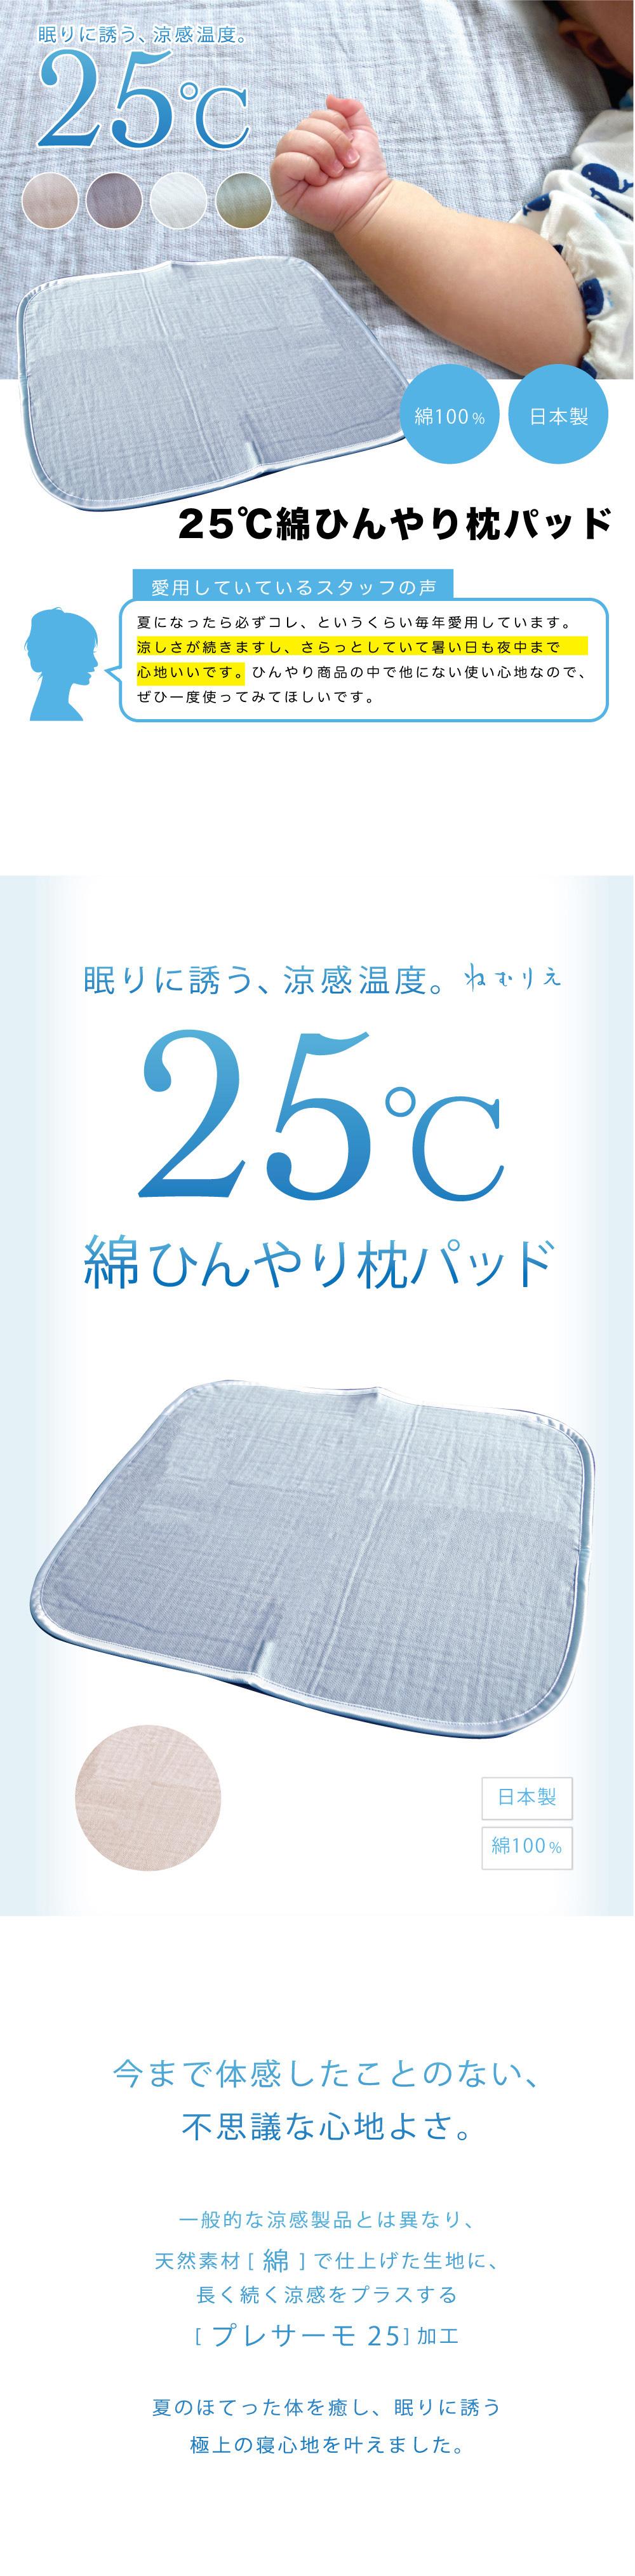 ひんやり枕パッド全体の画像と説明